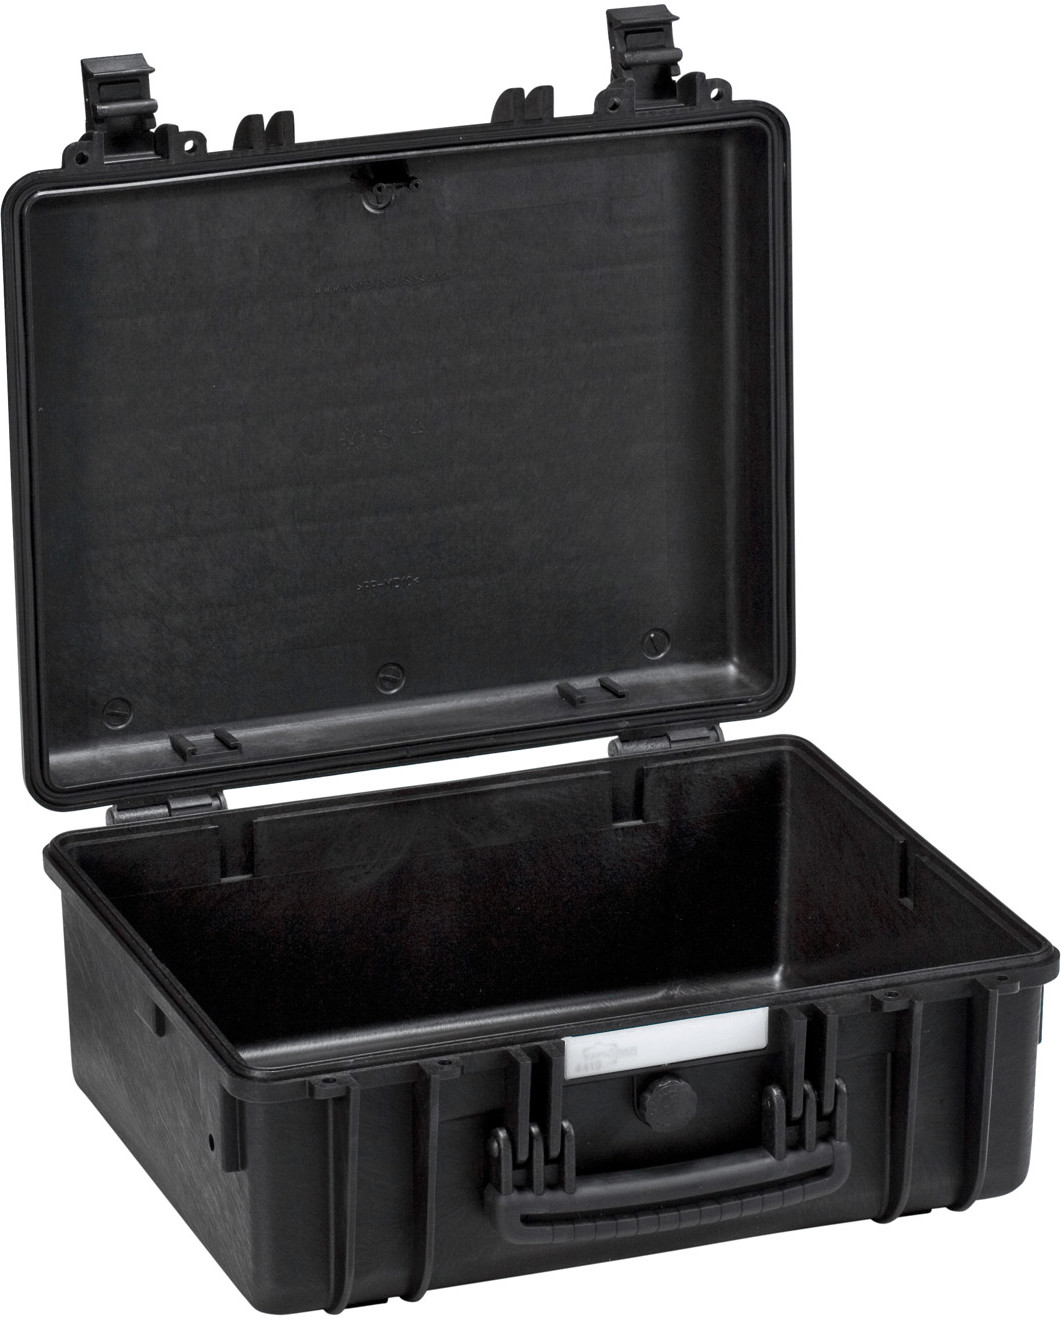 Image of Explorer Cases 4419 Black (Empty)